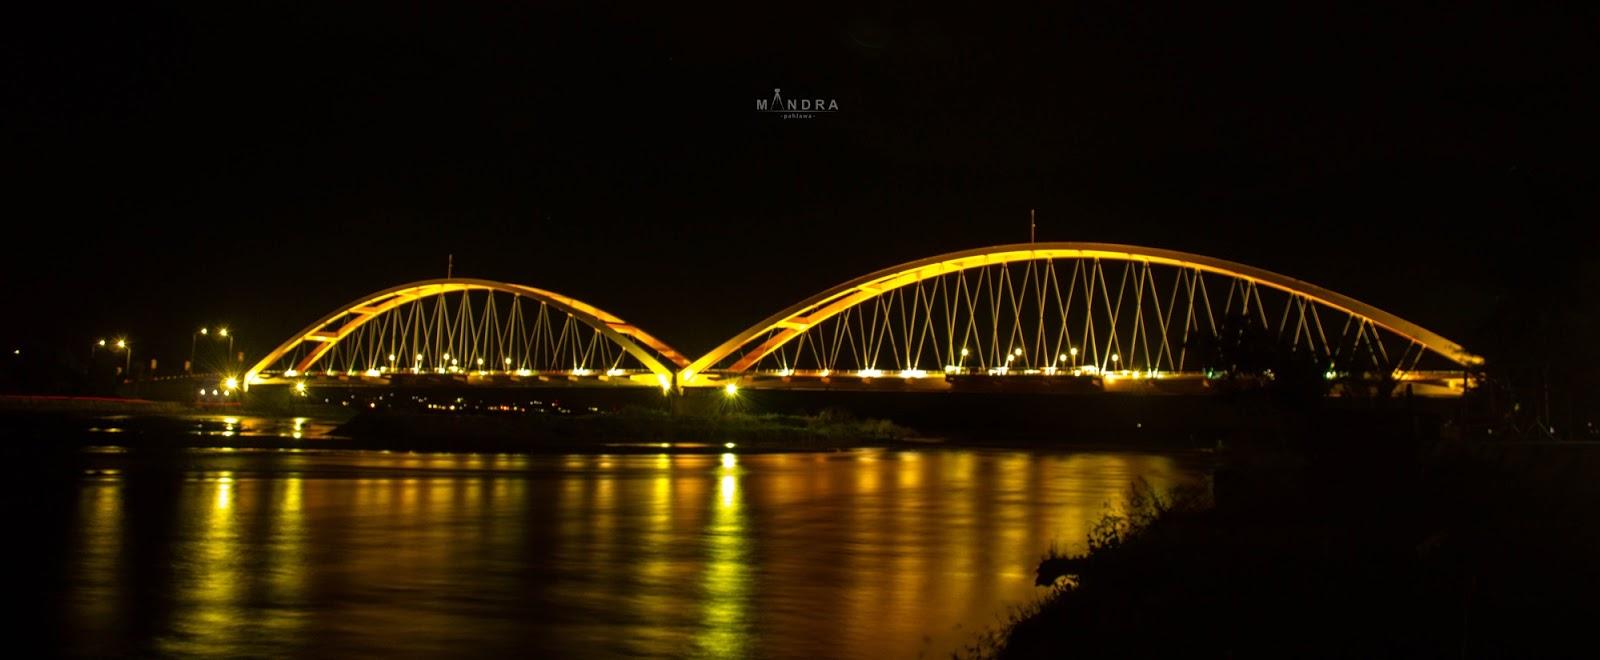 Jembatan Palu Jpg Mandrapahlawa Blogspot Id Iv Kota